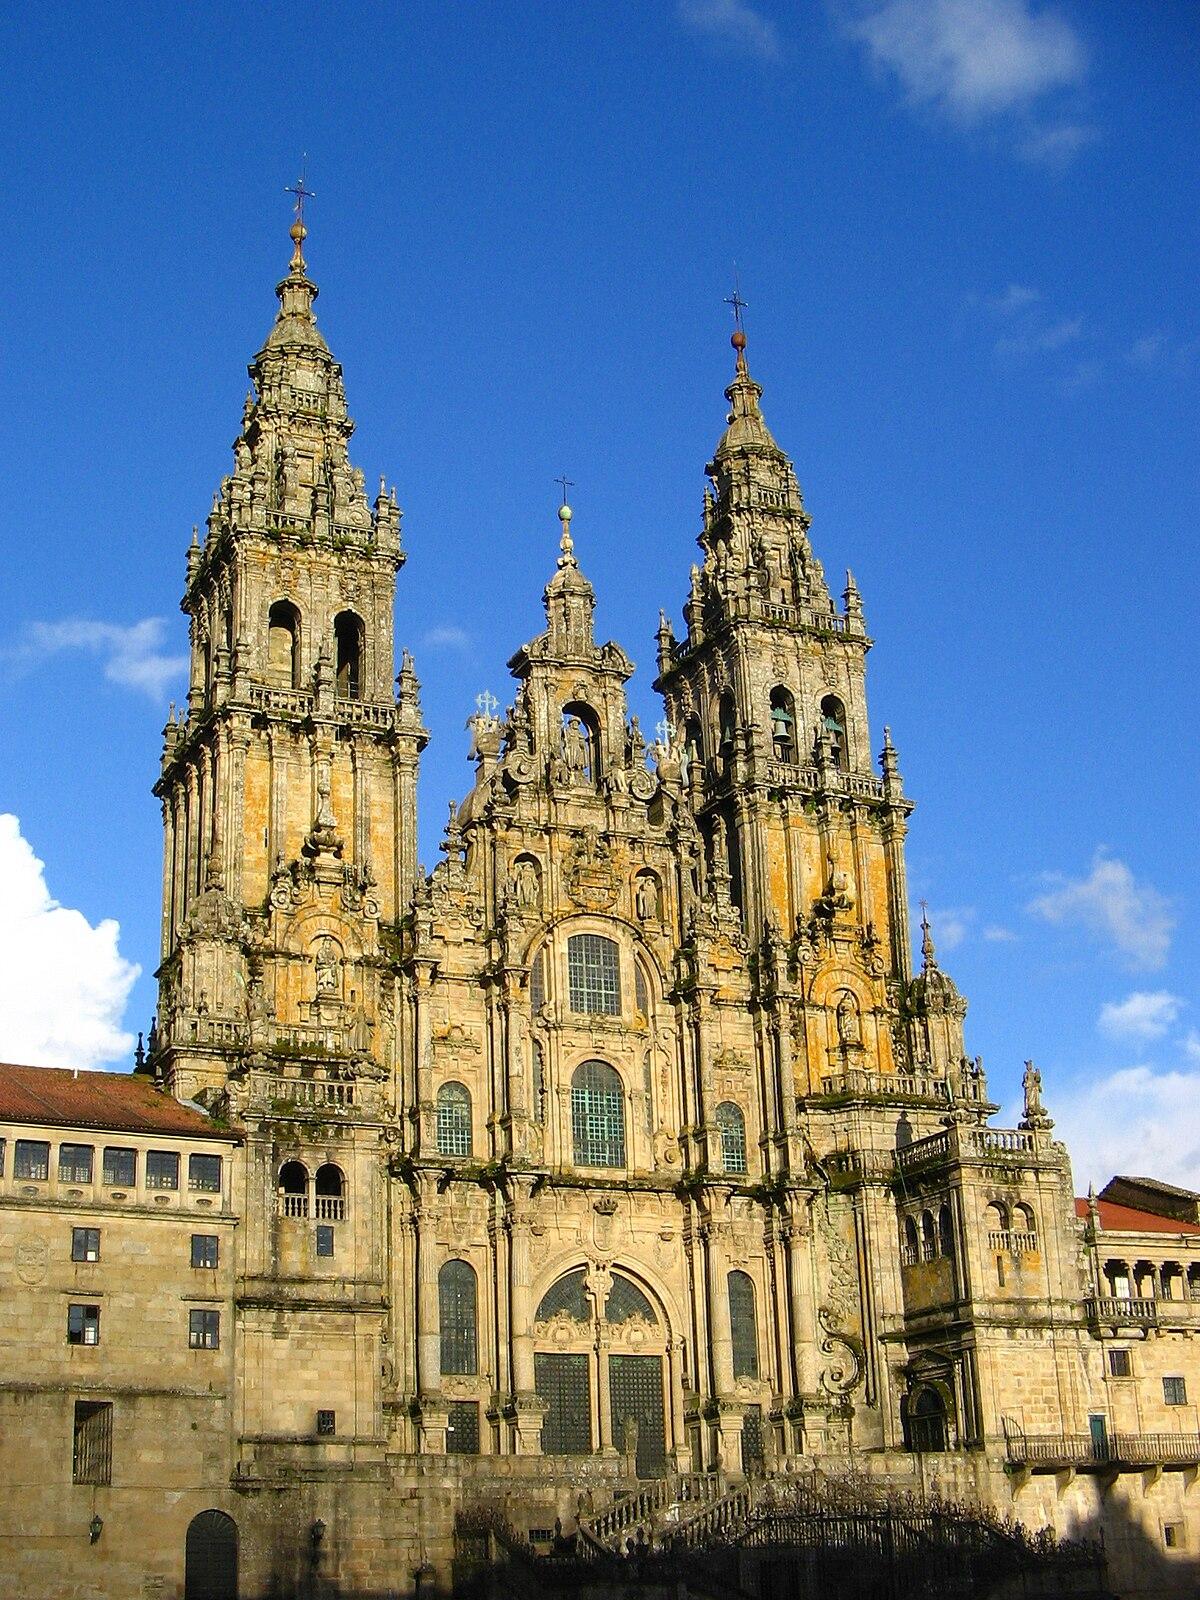 Cathedral of santiago de compostela wikidata - Office du tourisme saint jacques de compostelle ...